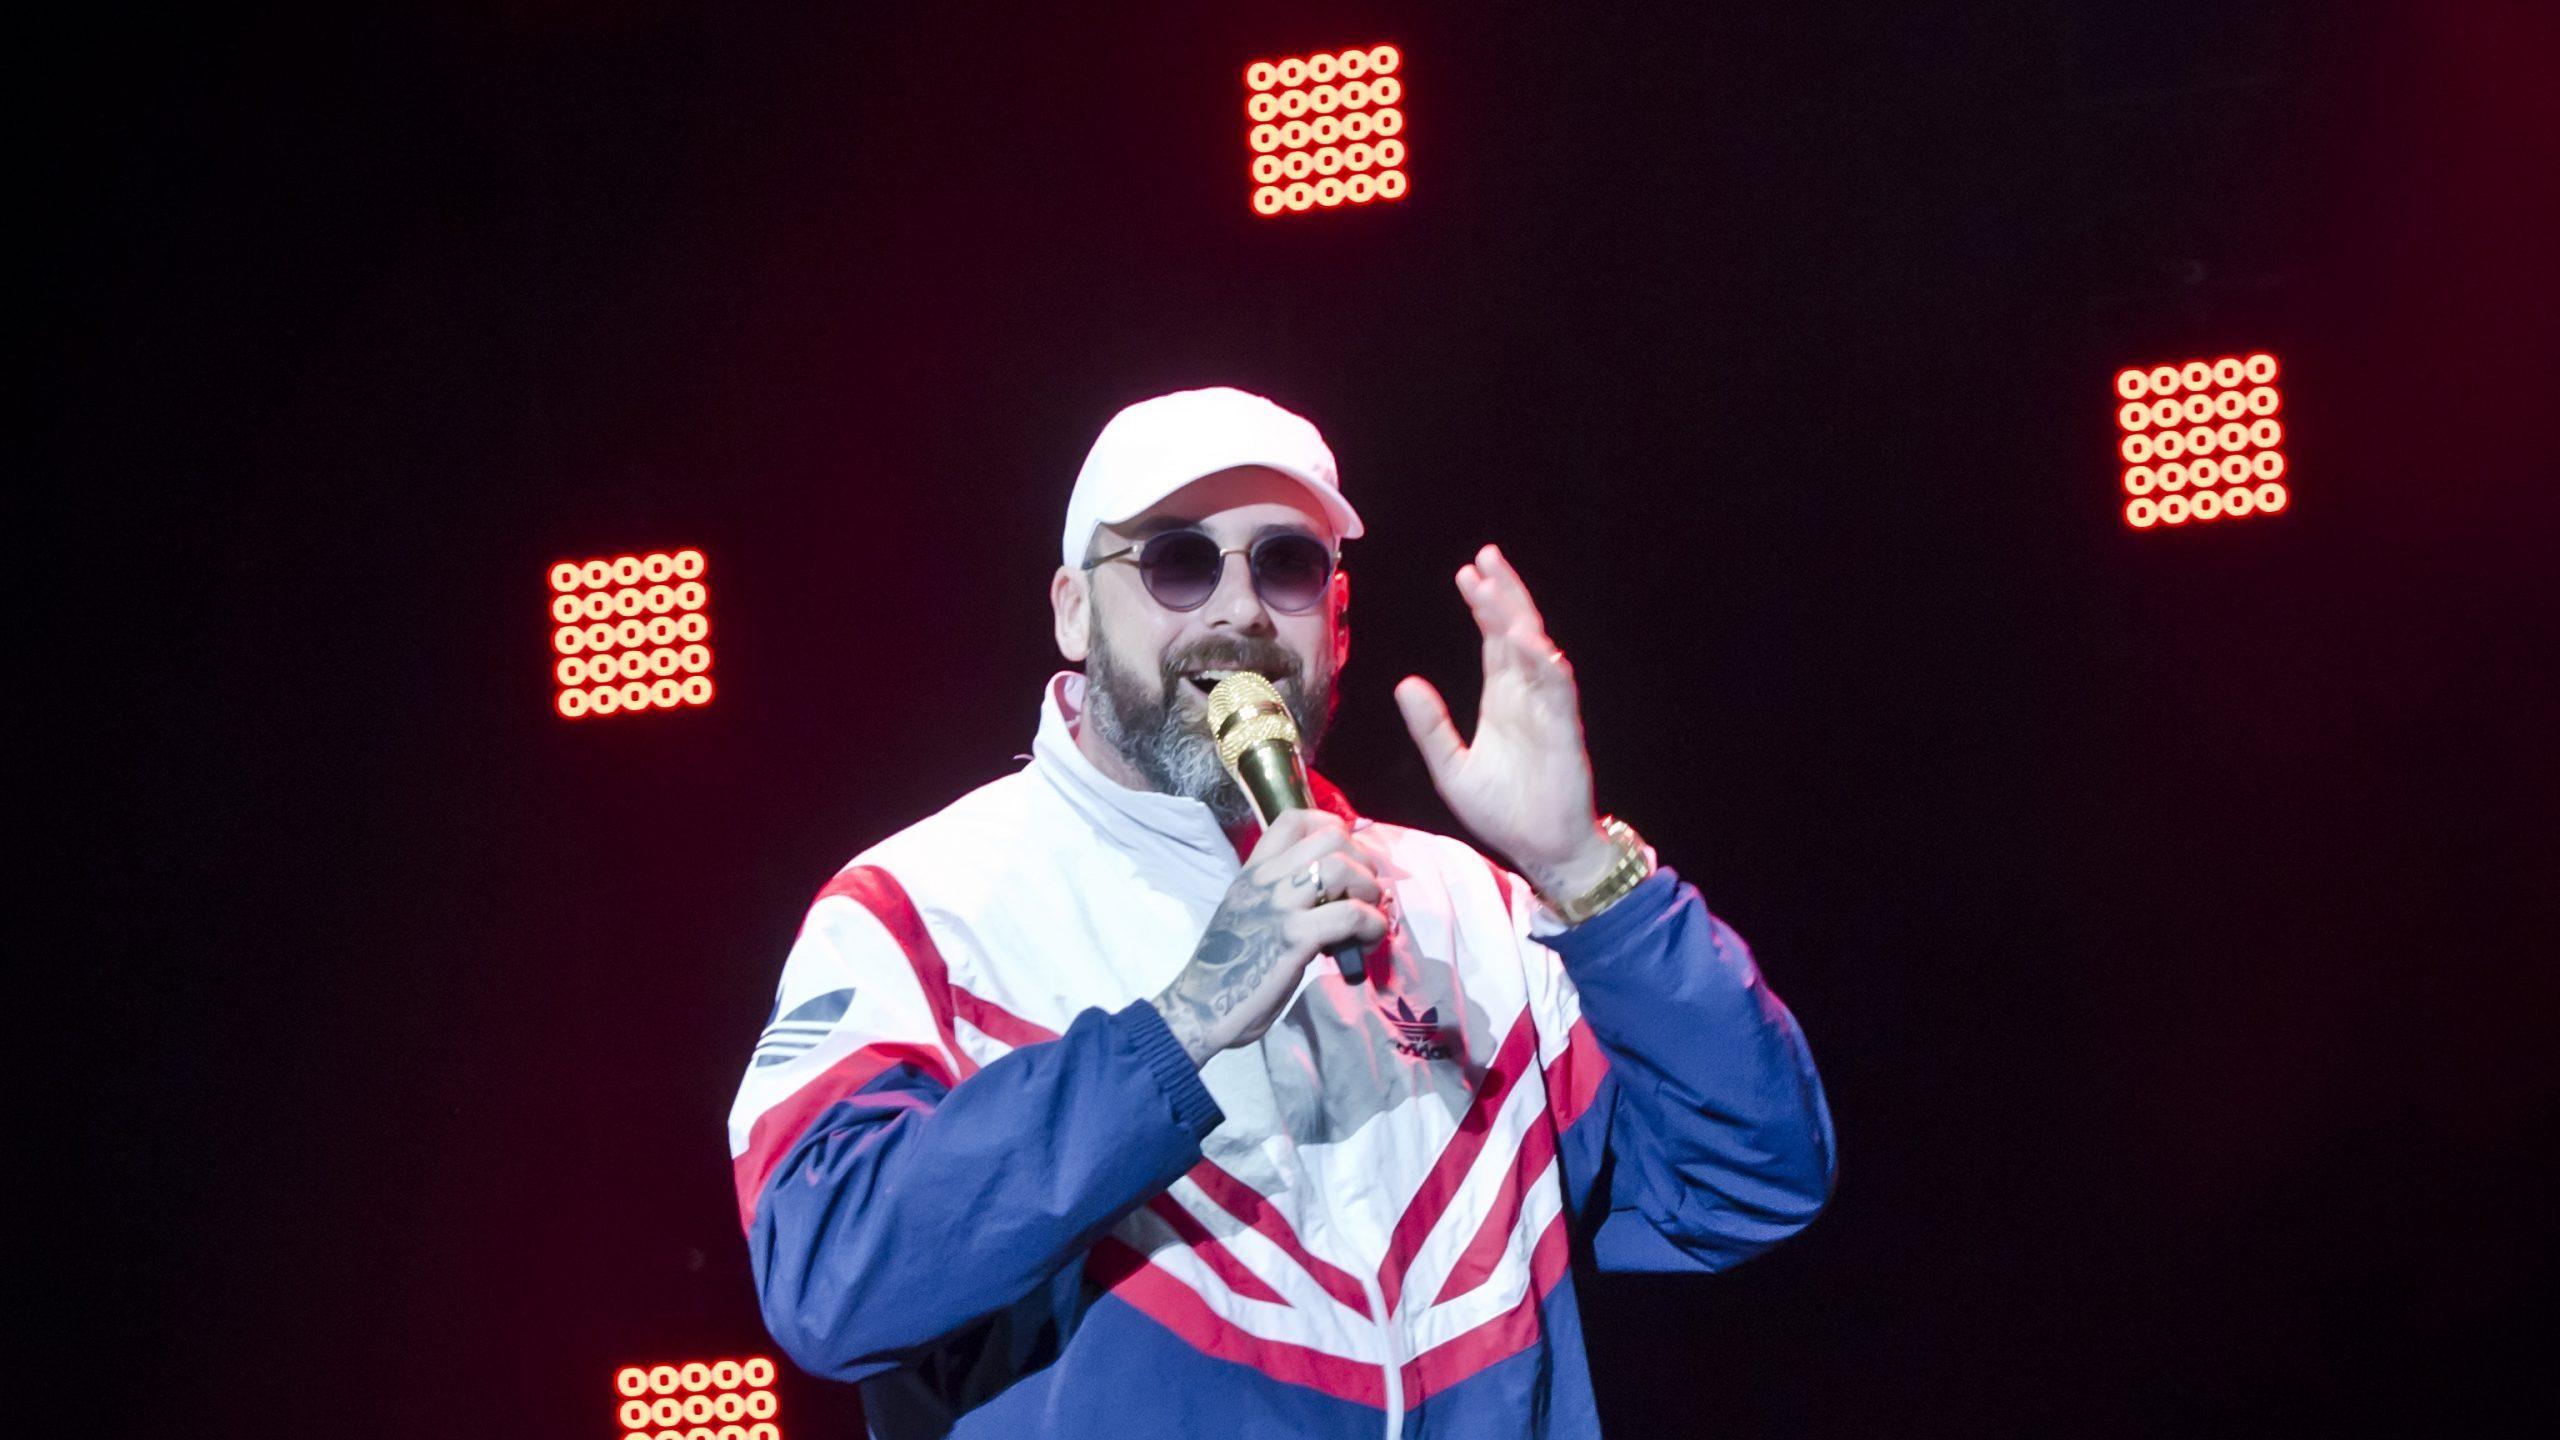 Rapper Sido mit Trainingsanzug, Kappe, Sonnenbrille und Mikrofon in der Hand auf der Bühne.